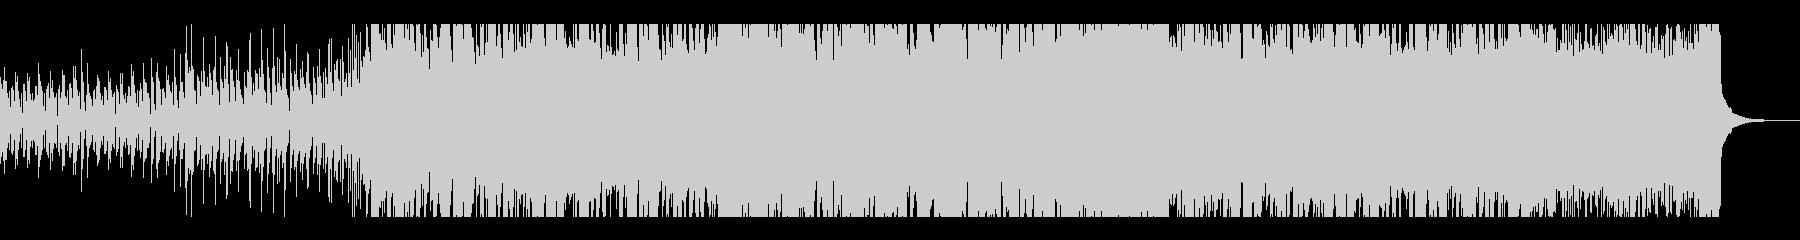 アコギとホーンの軽快なシャッフルビートの未再生の波形